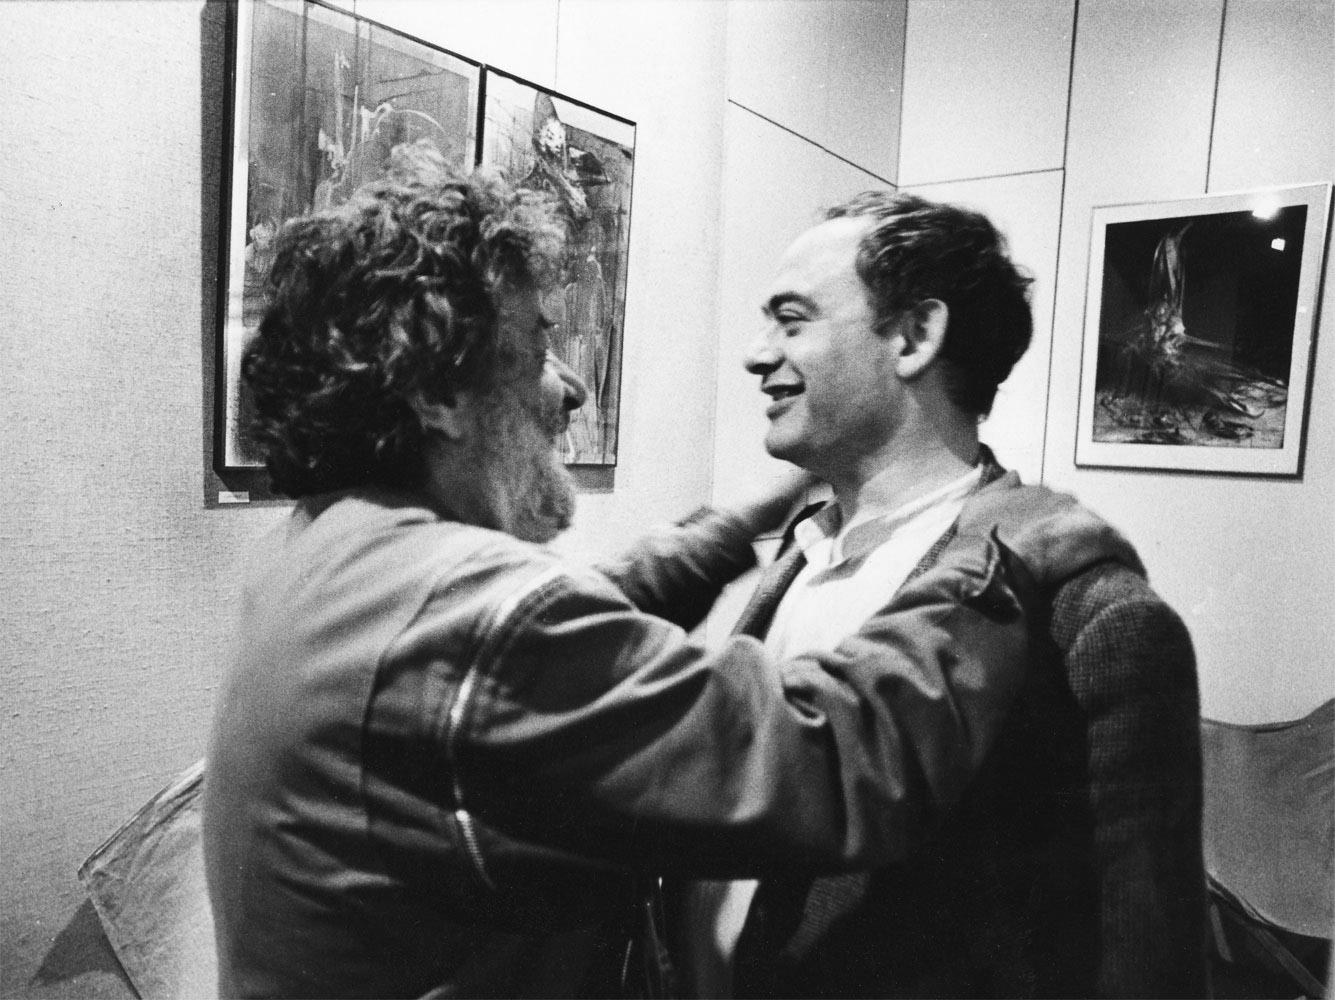 Dado (Miodrag Djuric) and Roland Topor